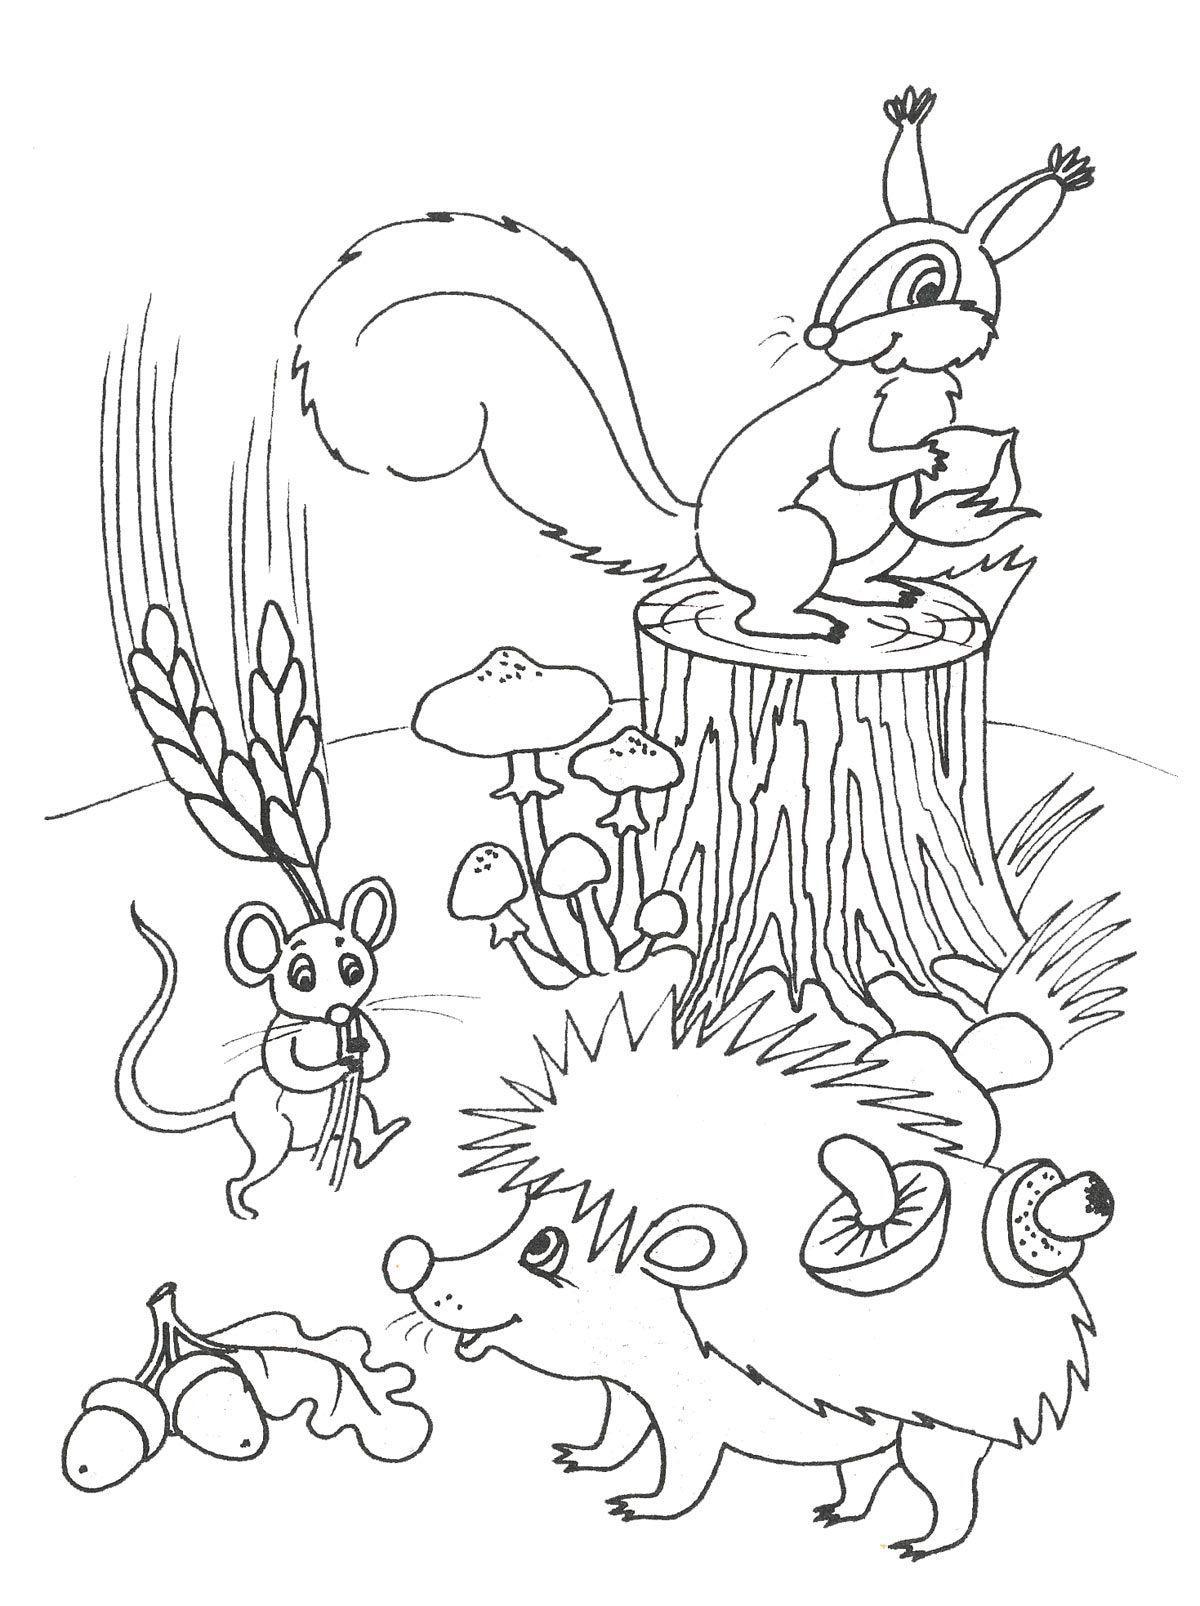 раскраска ежик угощает грибами друзей